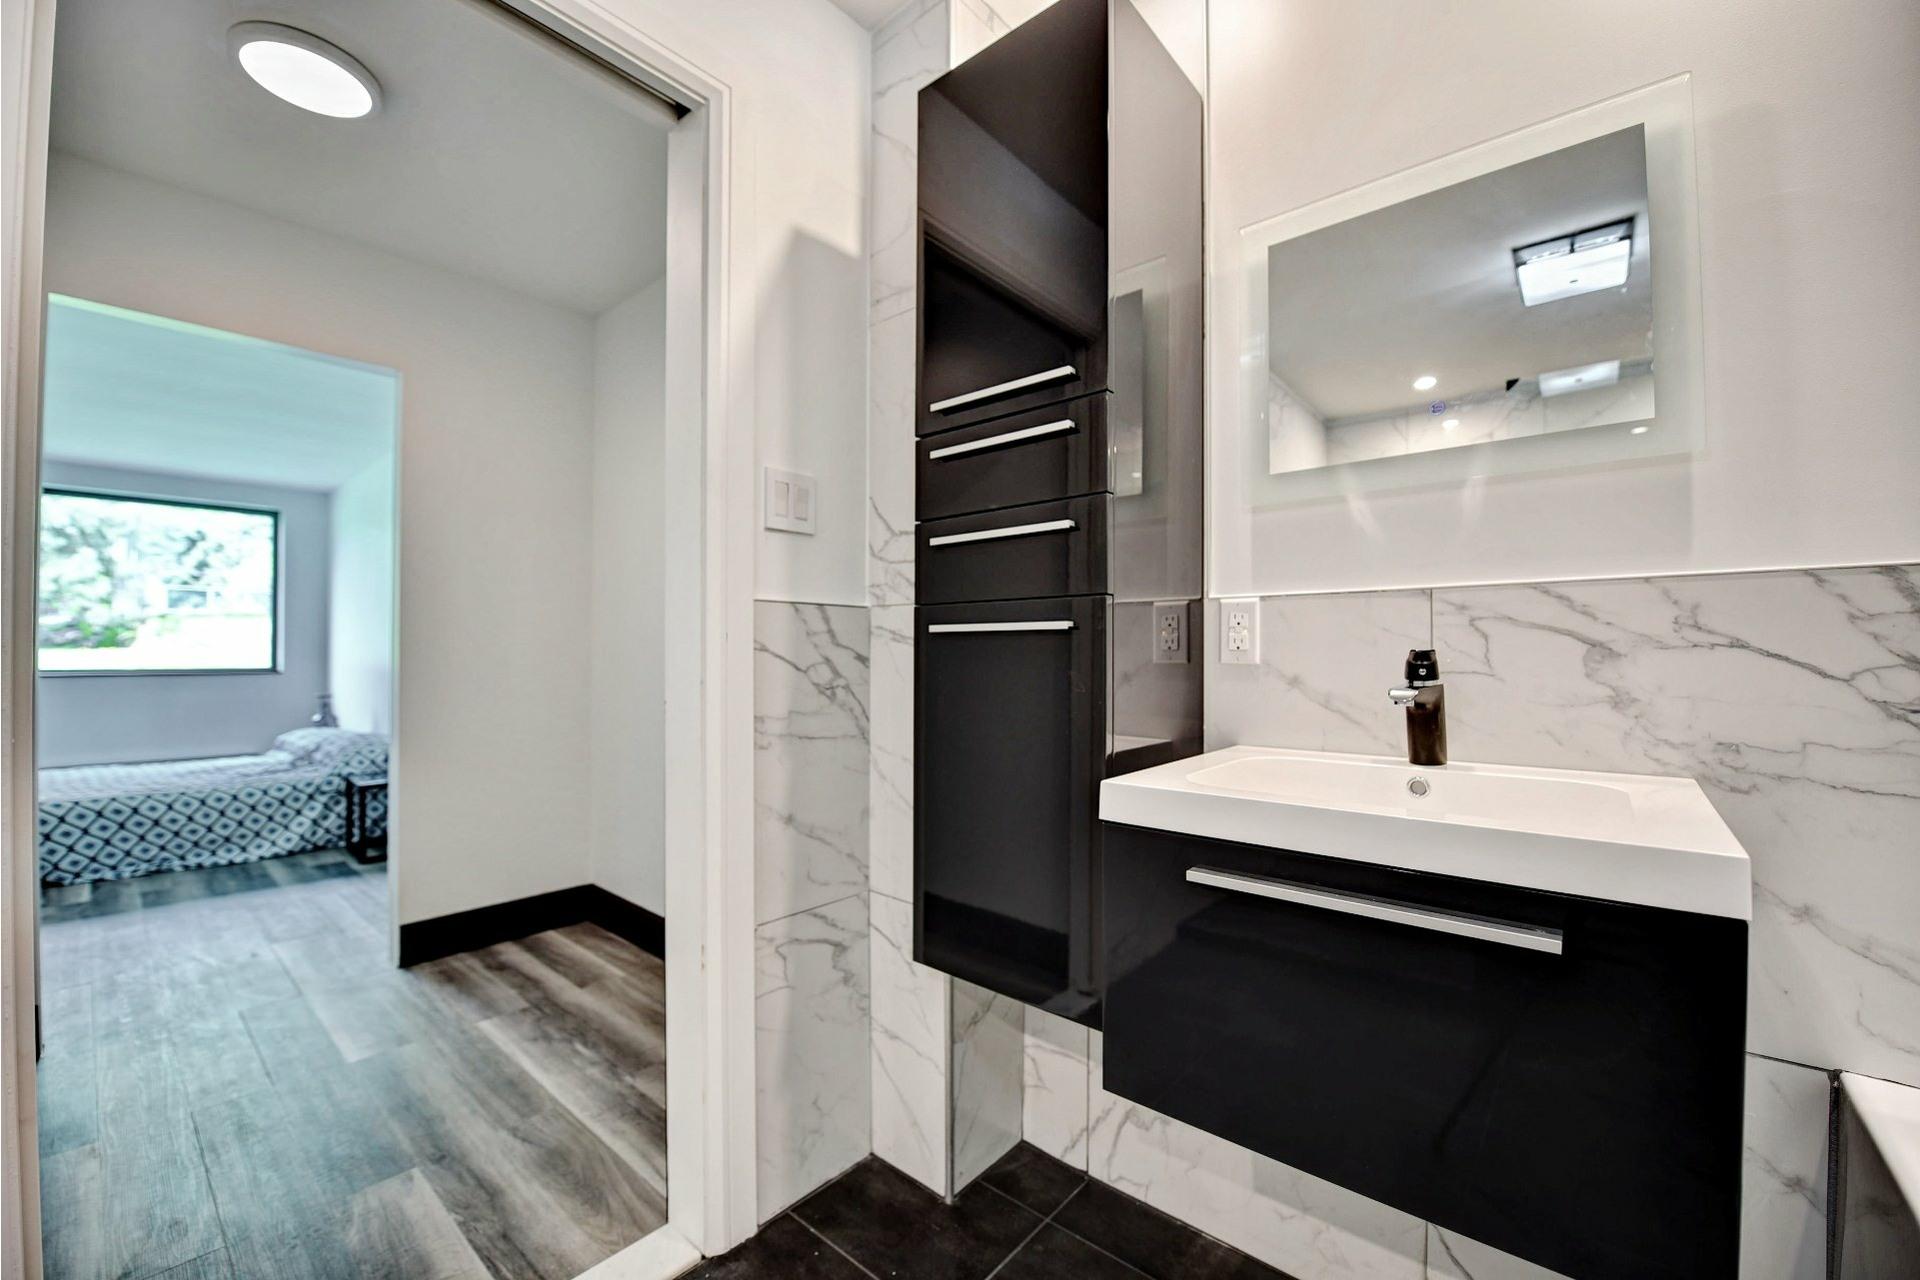 image 17 - Appartement À vendre Montréal Verdun/Île-des-Soeurs  - 8 pièces